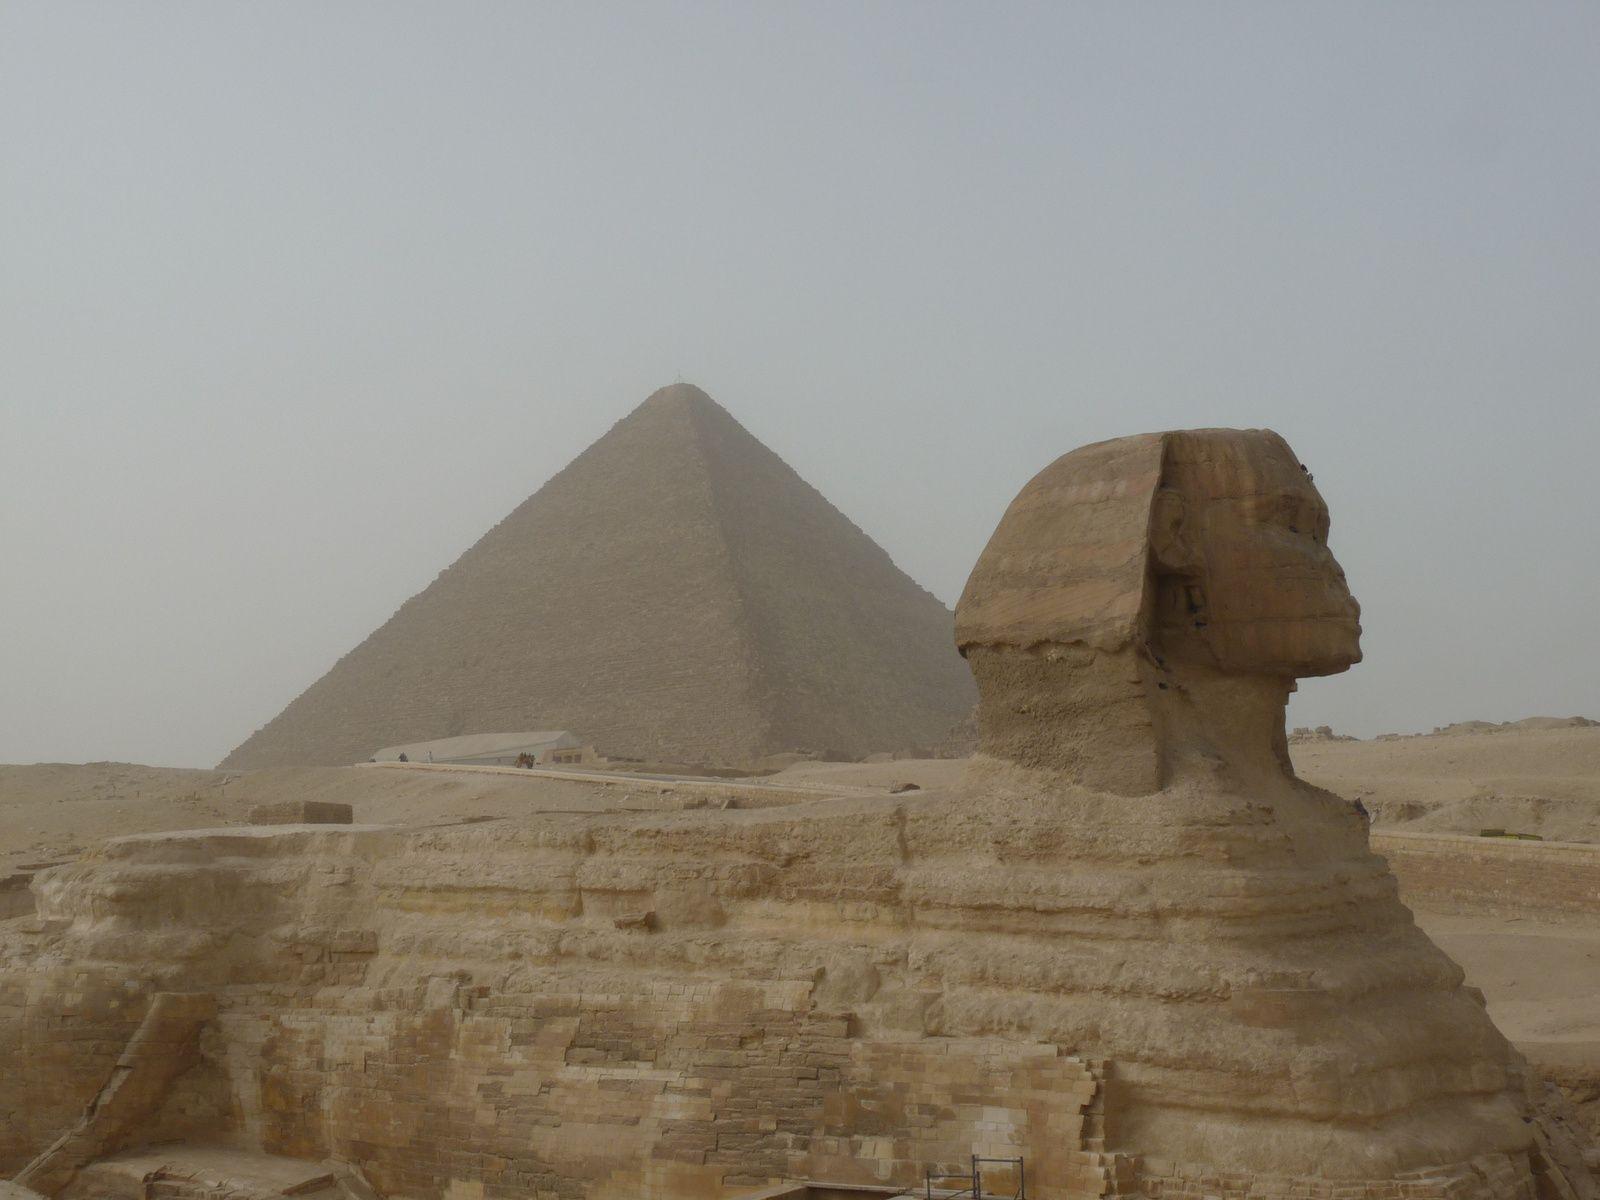 IDEE DE VOYAGE : EGYPTE et CROISIERE LUXE SUR LE NIL.